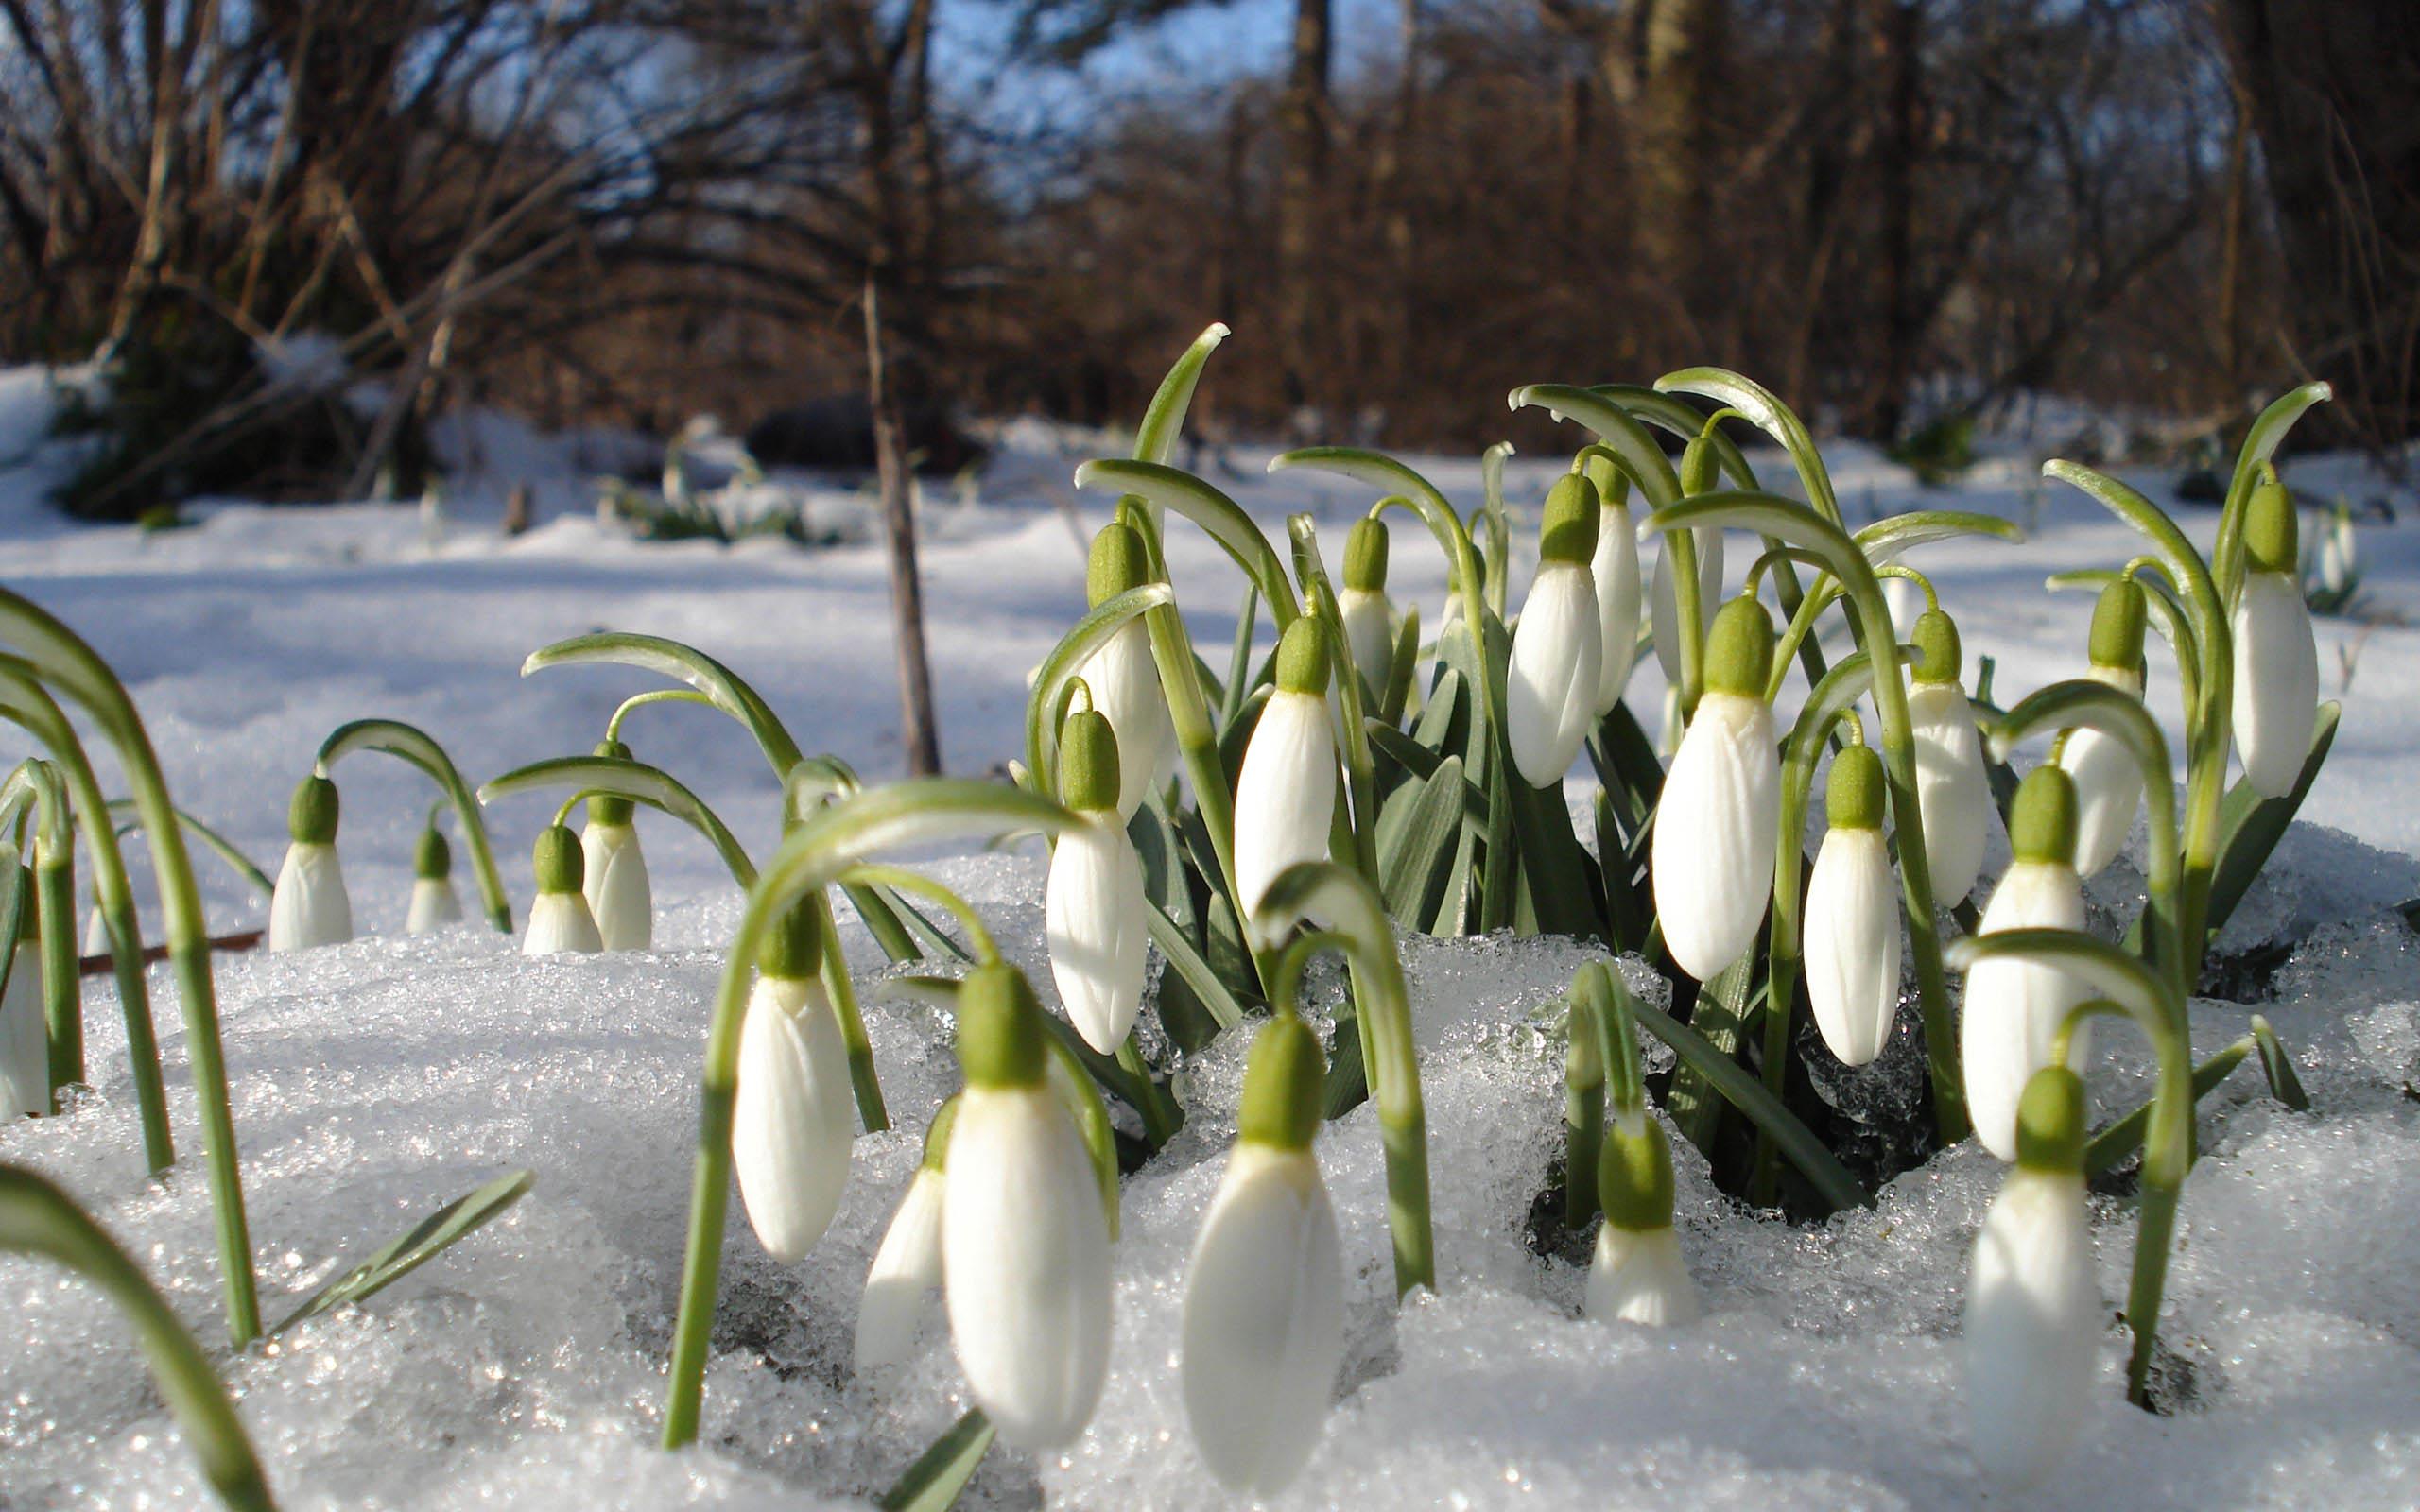 Картинки весны с подснежниками, днем